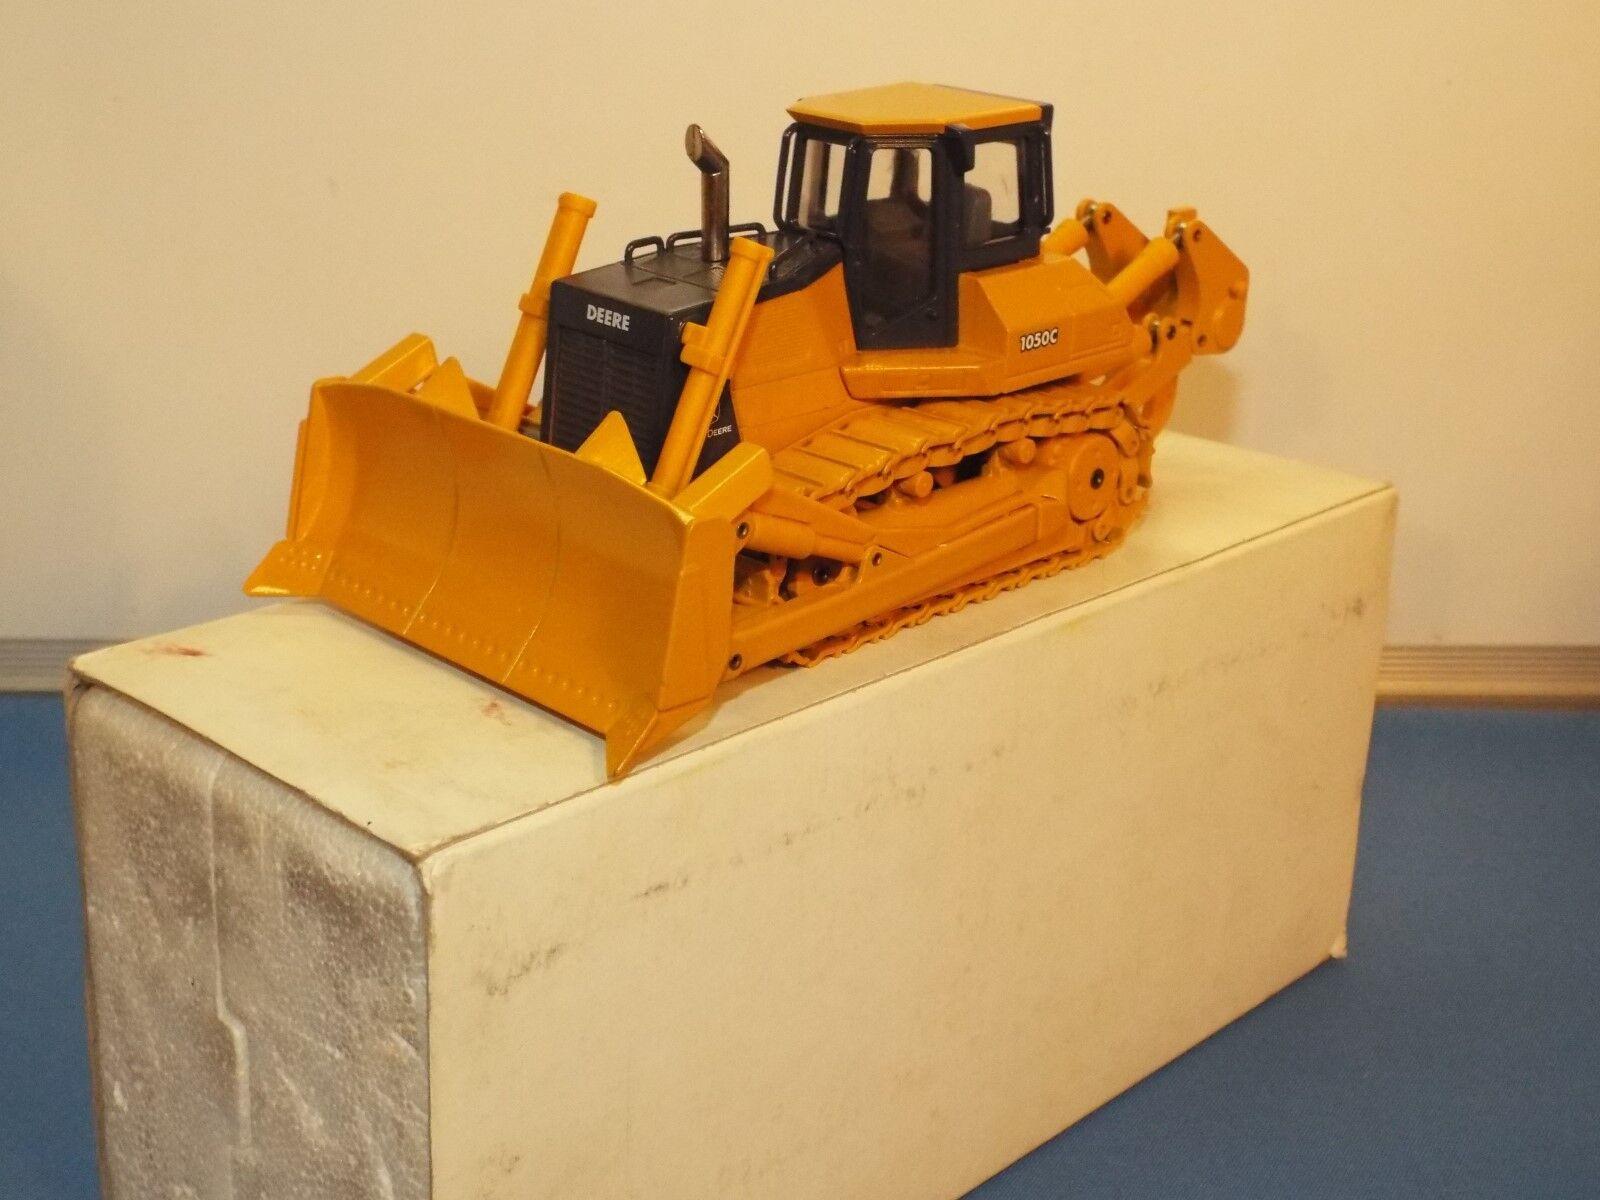 Conrad aucun numéro attribué très rare John Deere 1050 C Acier chenilles Bulldozer VNMB